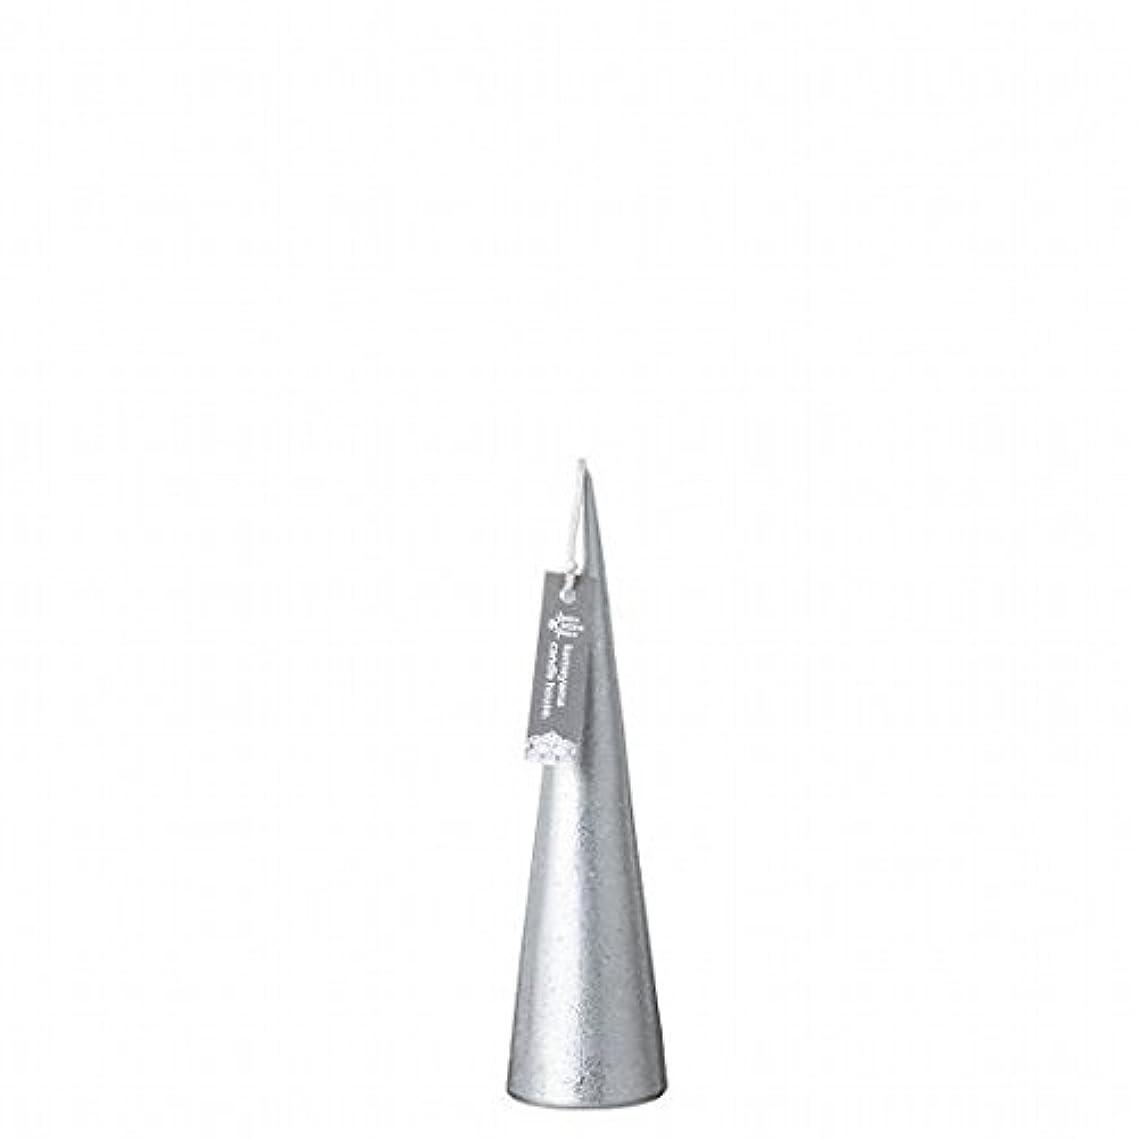 キャベツ昼食漂流kameyama candle(カメヤマキャンドル) メタリックコーンS 「 シルバー 」(A9560100SI)